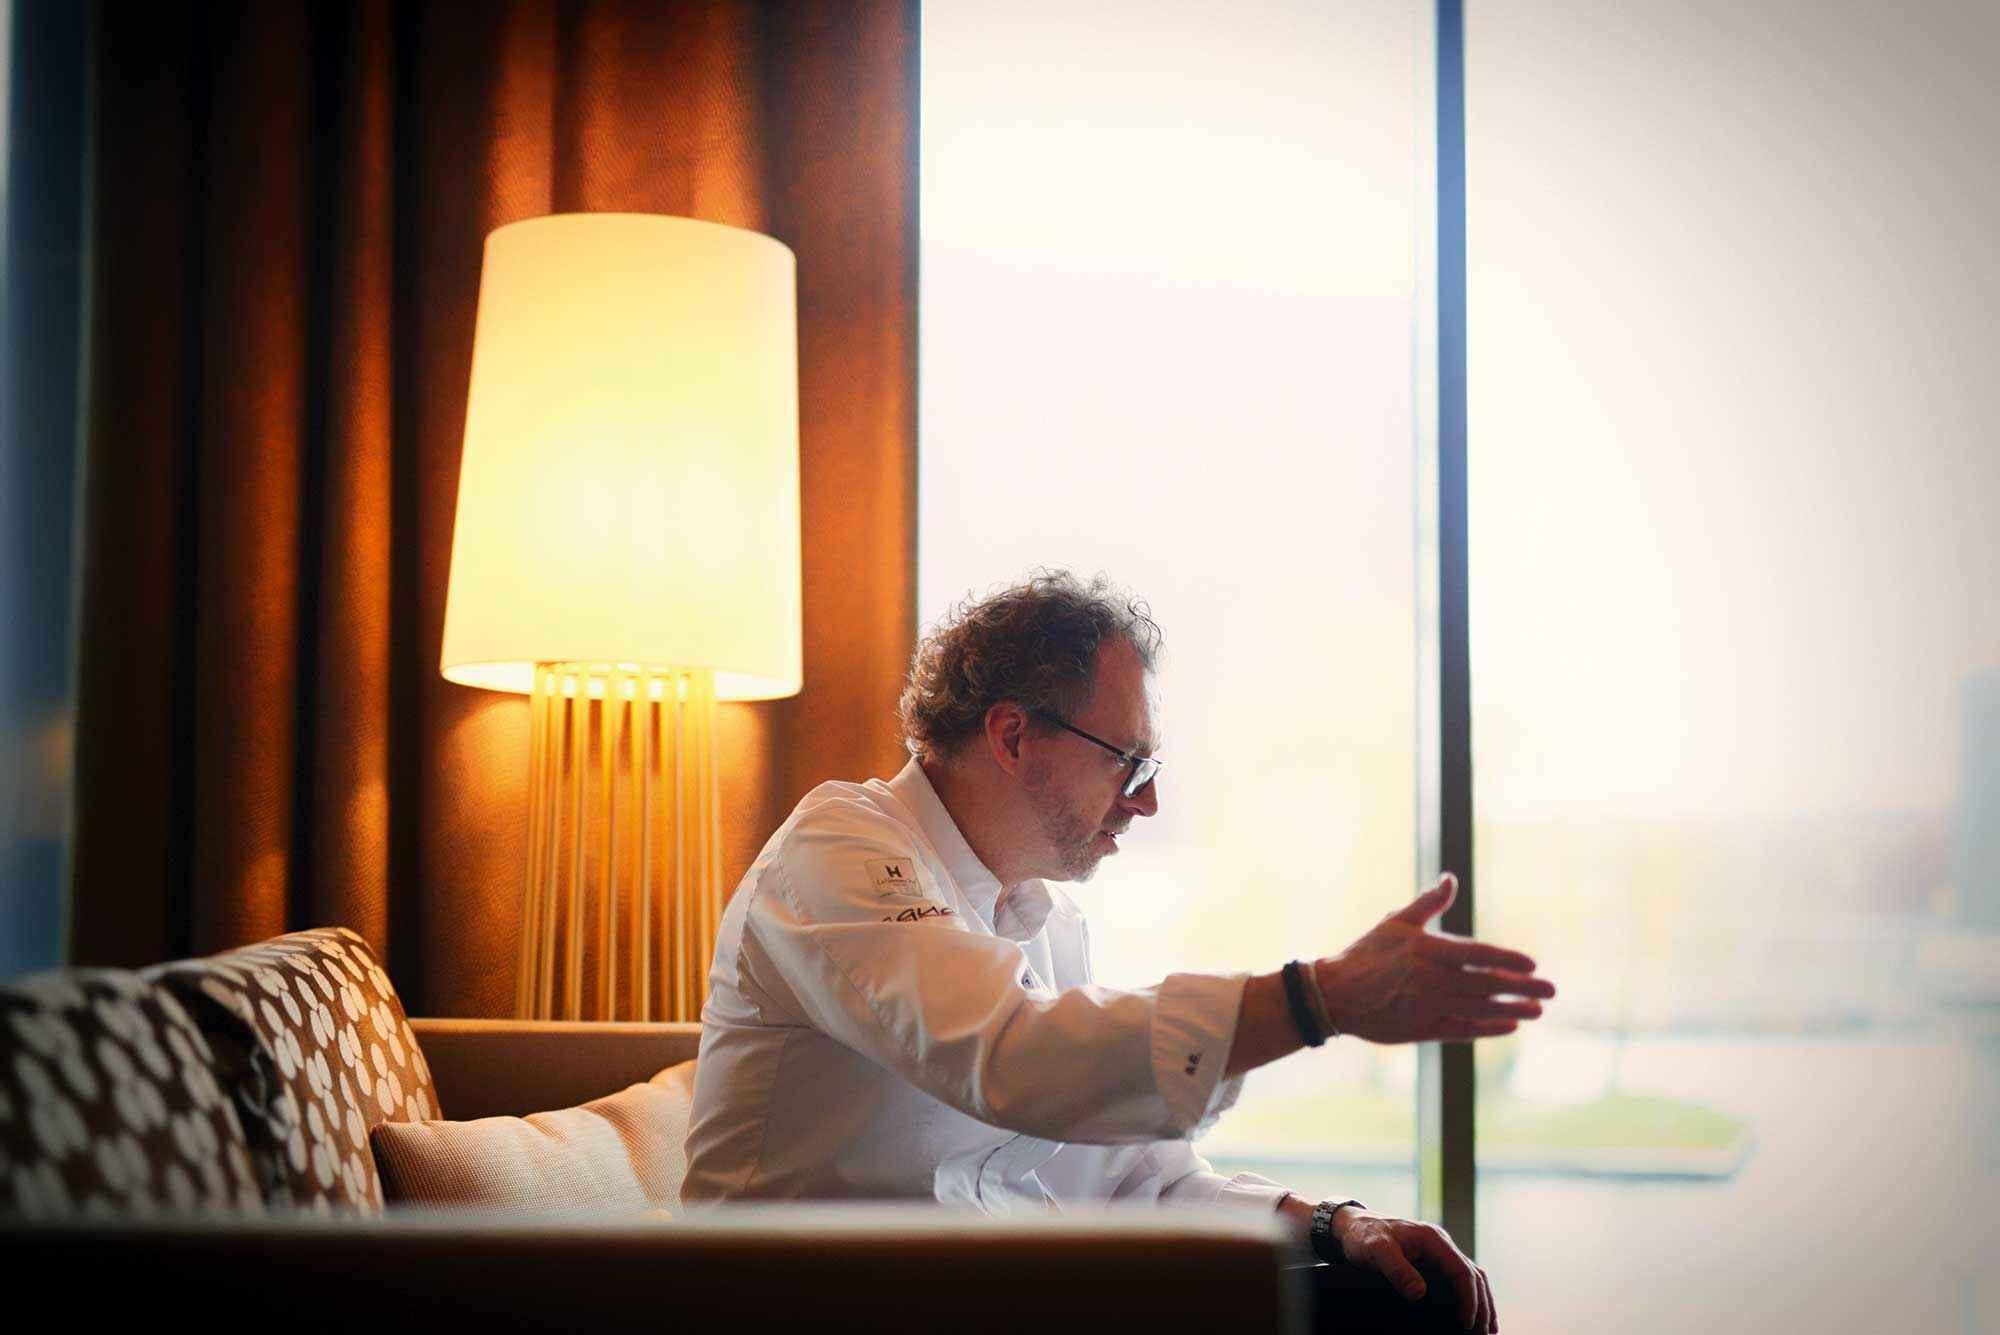 Bevor er etwas Neues anfängt, sagt Sven Elverfeld, setzt er sich stets hin und überlegt